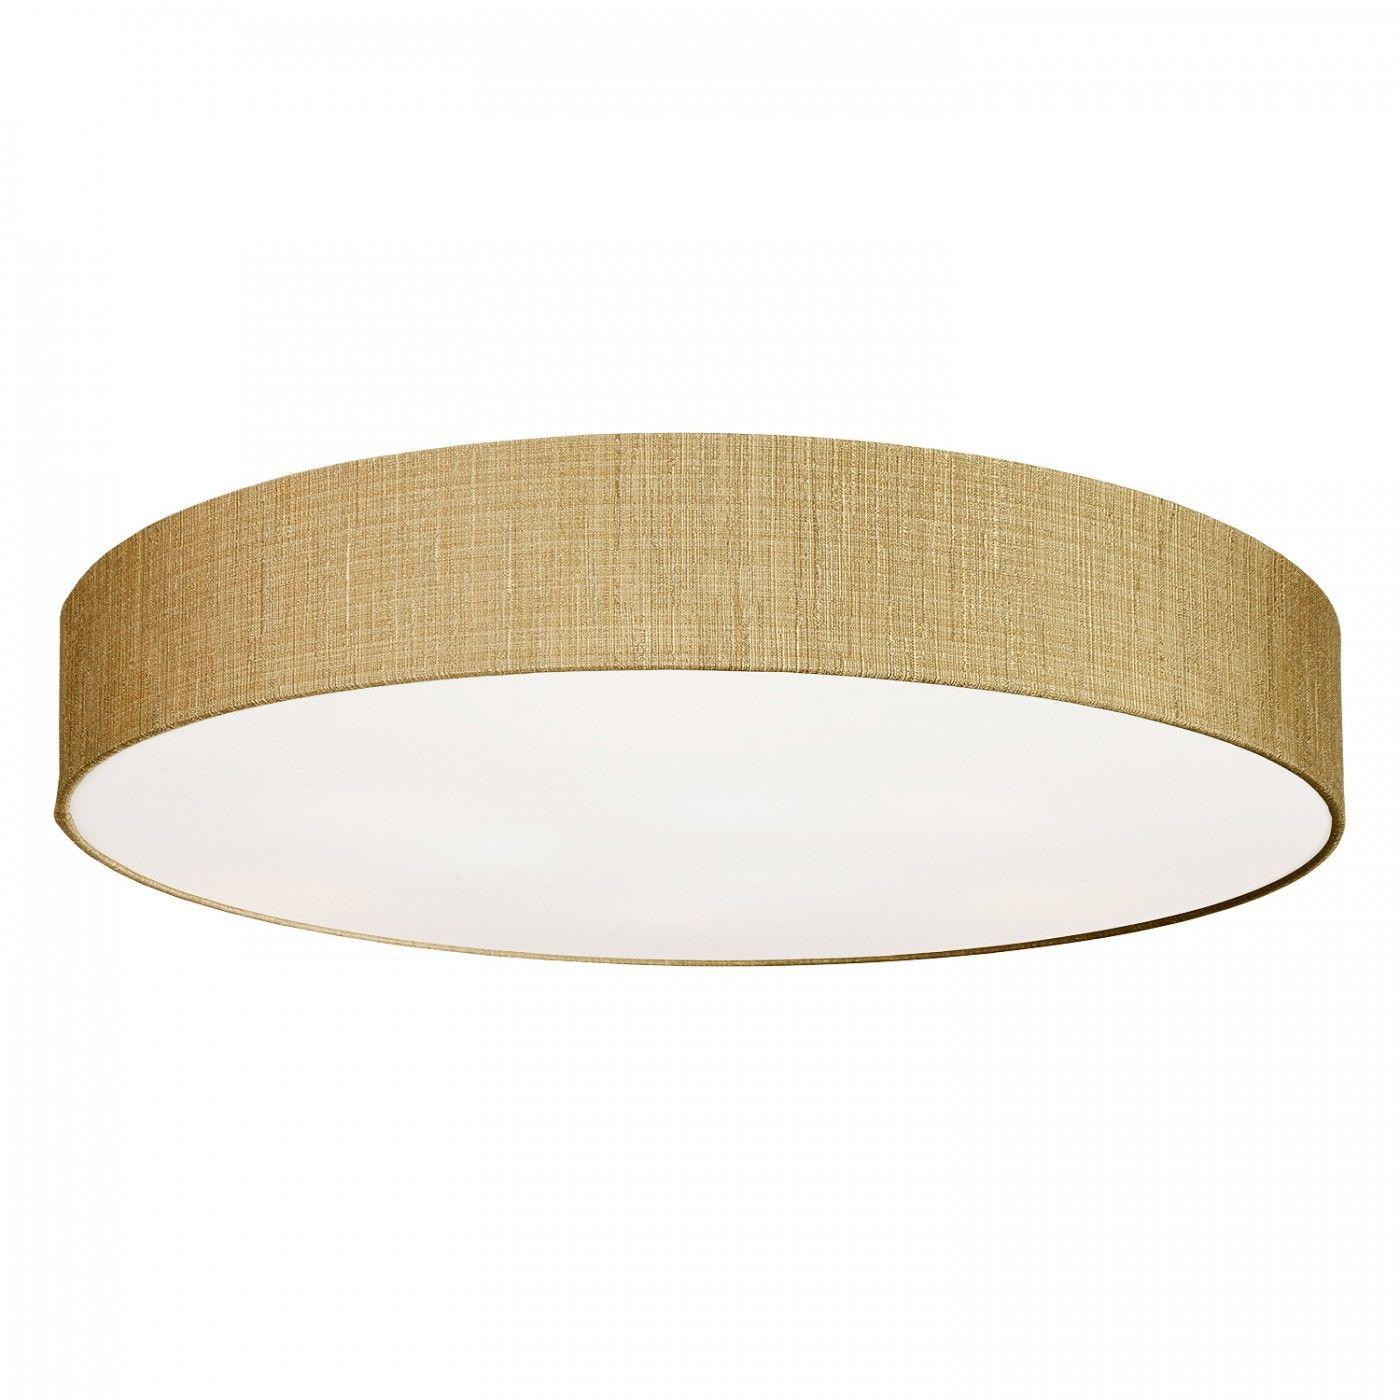 Plafon Turda 8802 Nowodvorski Lighting okrągła złota oprawa w dekoracyjnym stylu